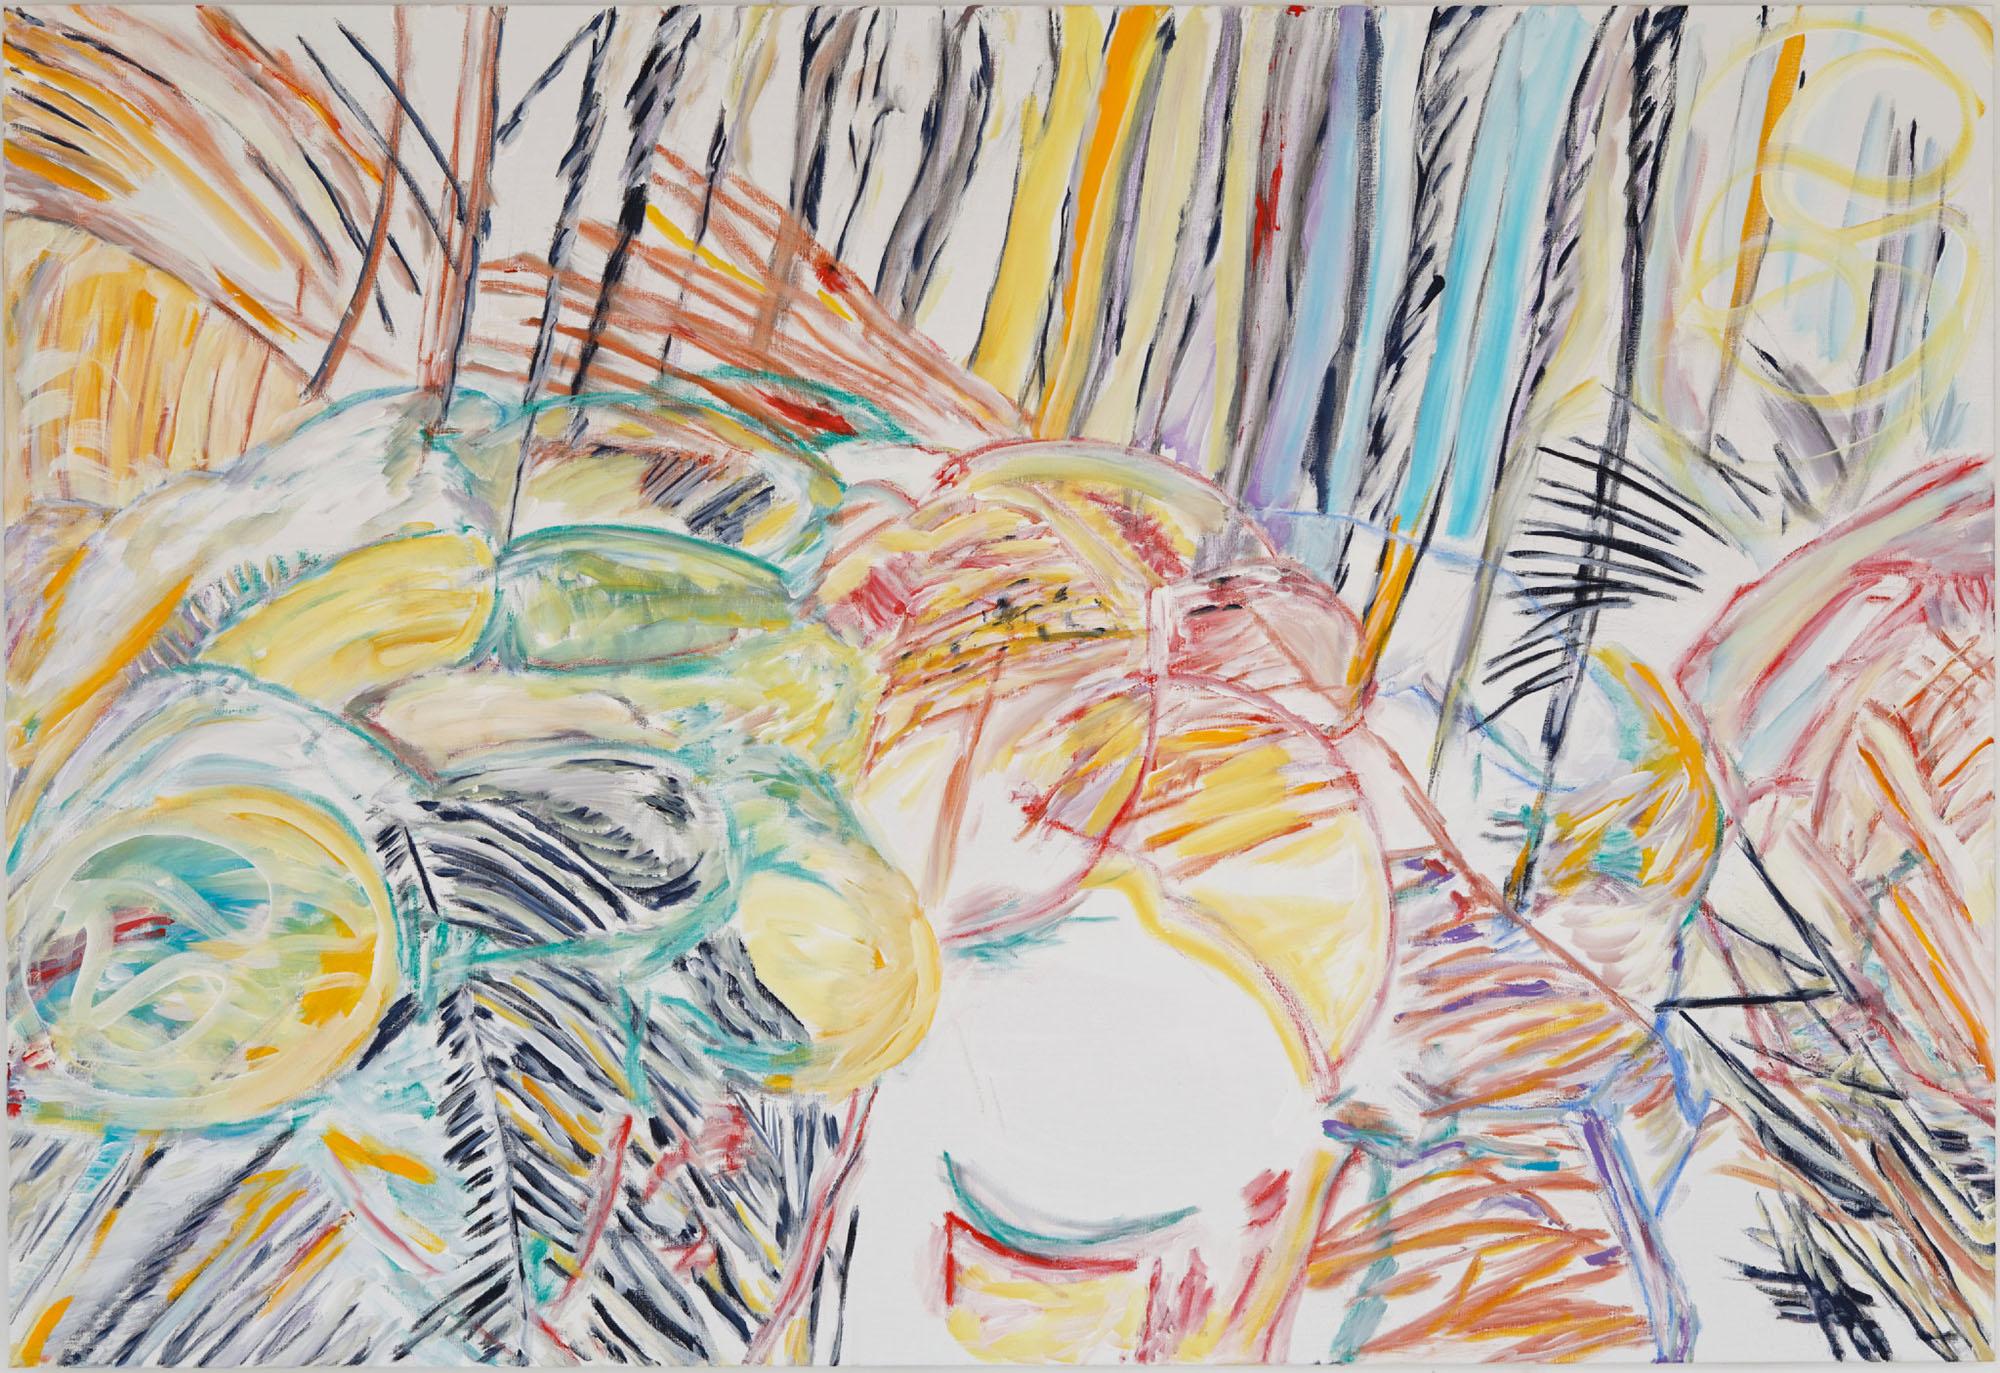 Les Saintes au Parc (acrylic, pastel and pencil on canvas, 130 x 190 cm - 2014- 2015)